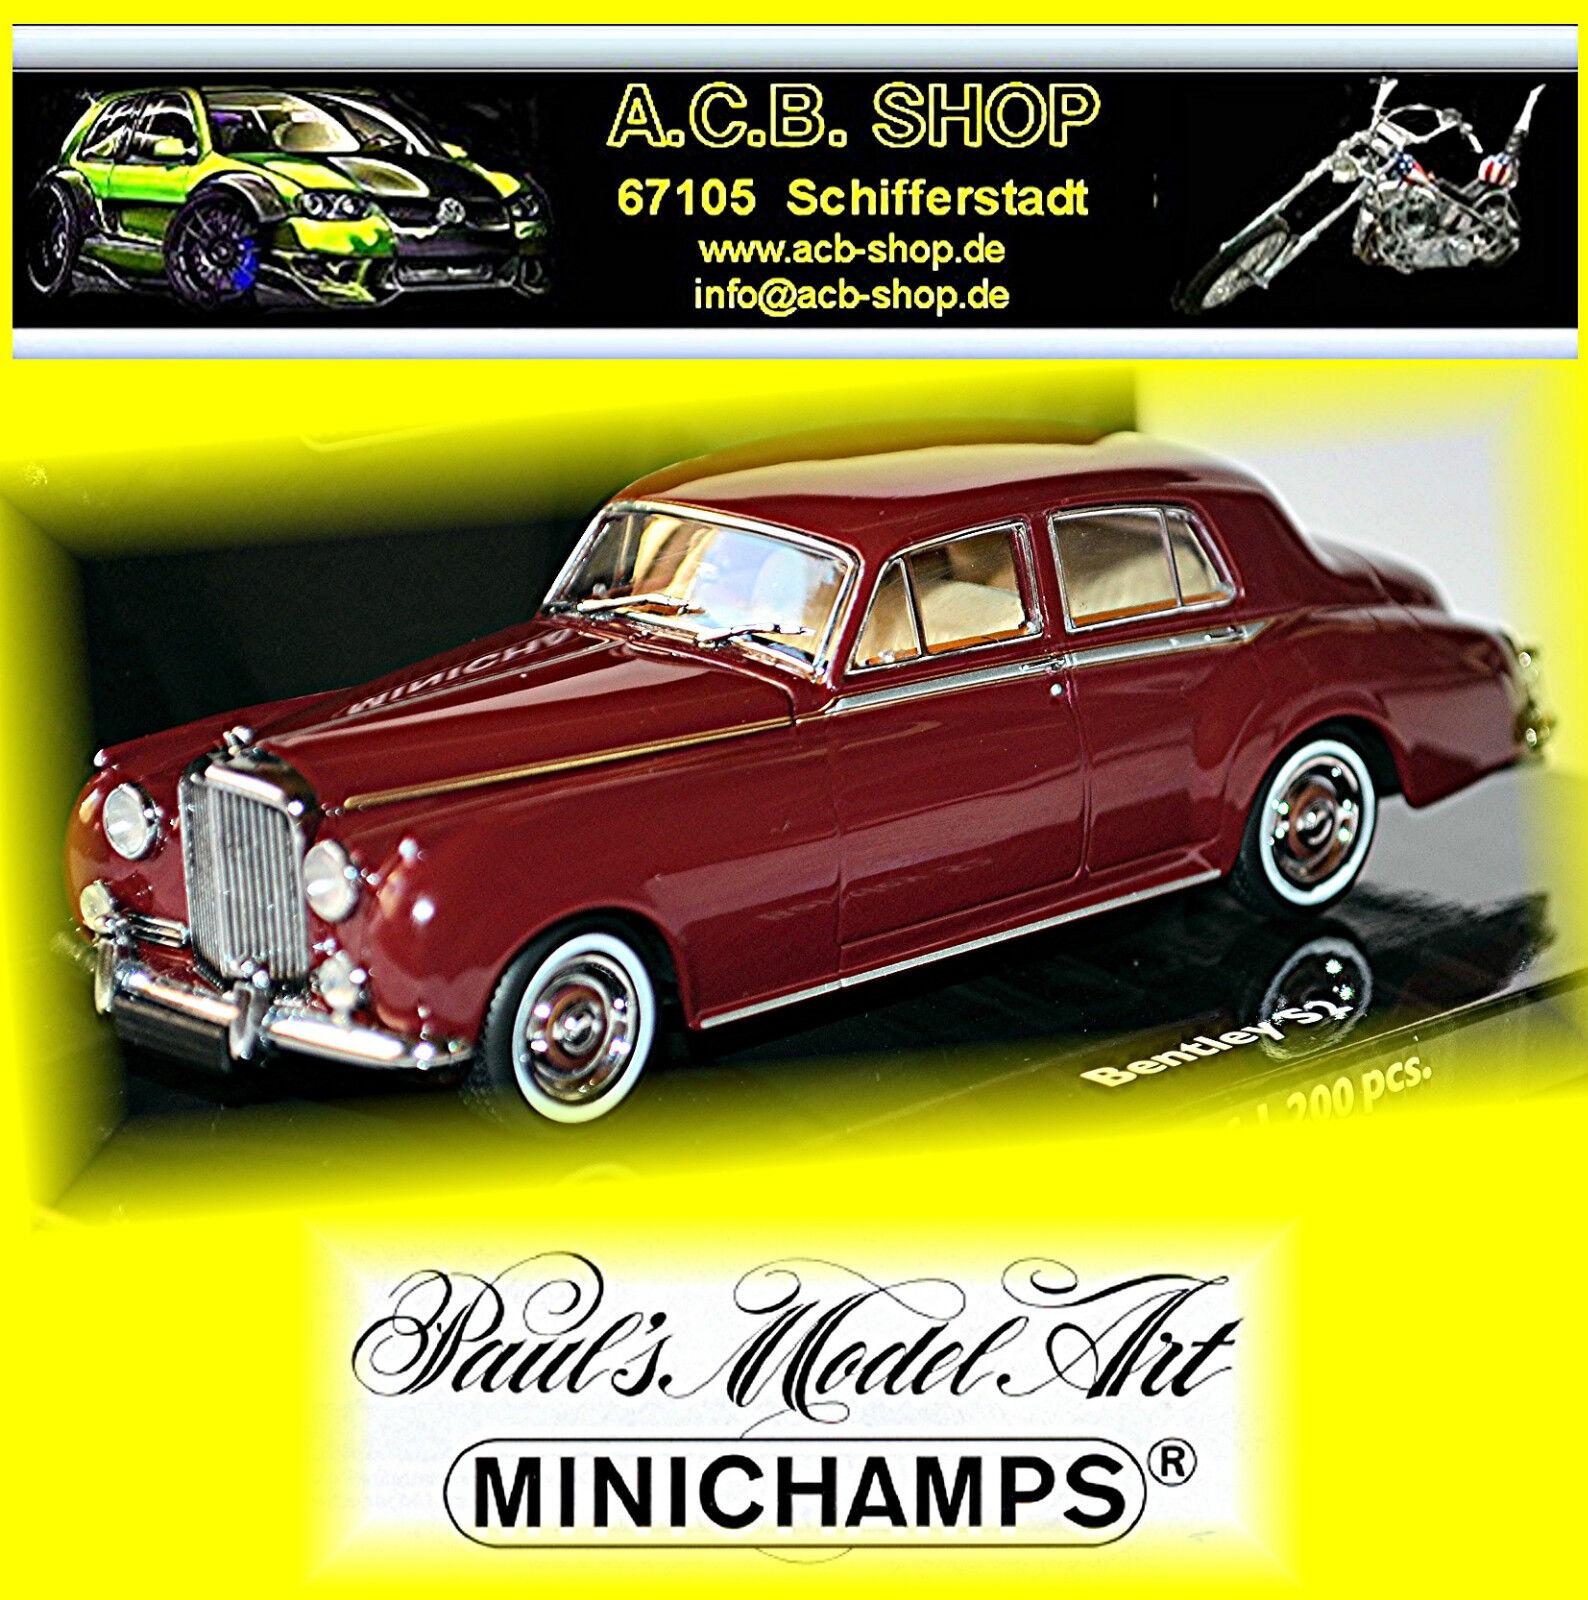 conveniente Bentley s2 Standart Saloon 1960 1959-62 oscuro rojo Dark-rojo Dark-rojo Dark-rojo 1 43 Minichamps  precios bajos todos los dias